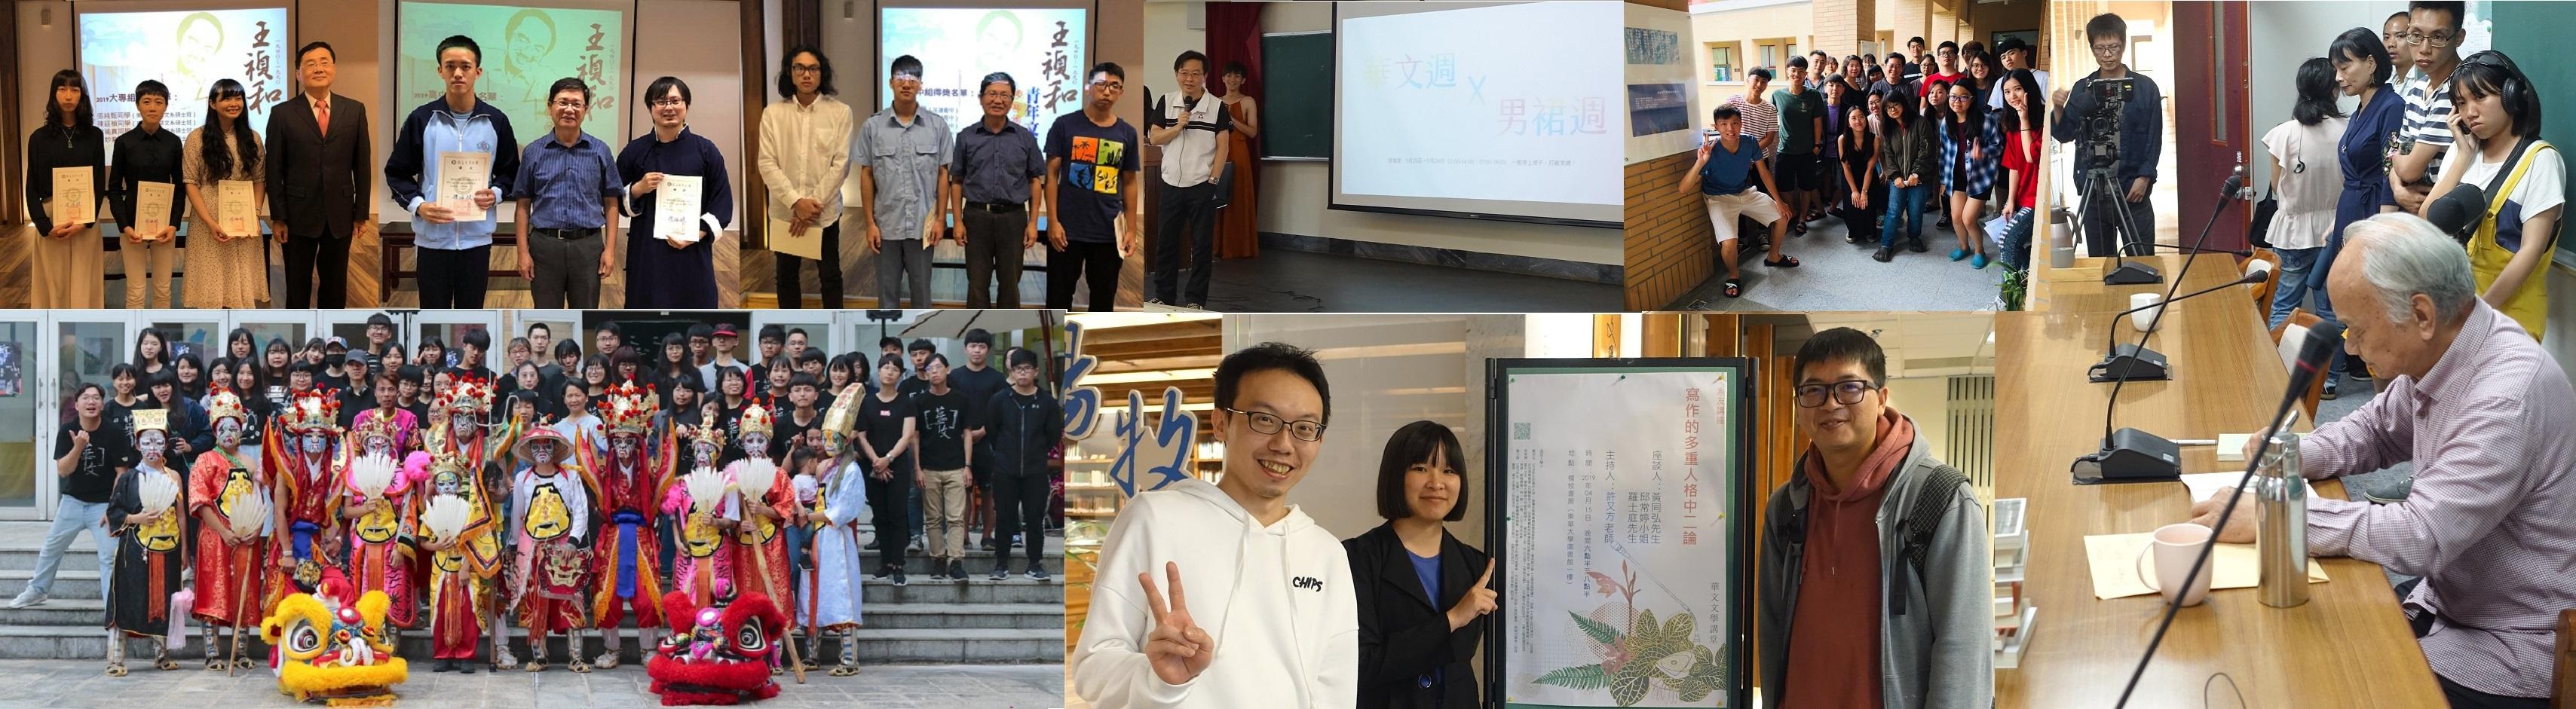 華文文學系107學年度第2學期重點活動